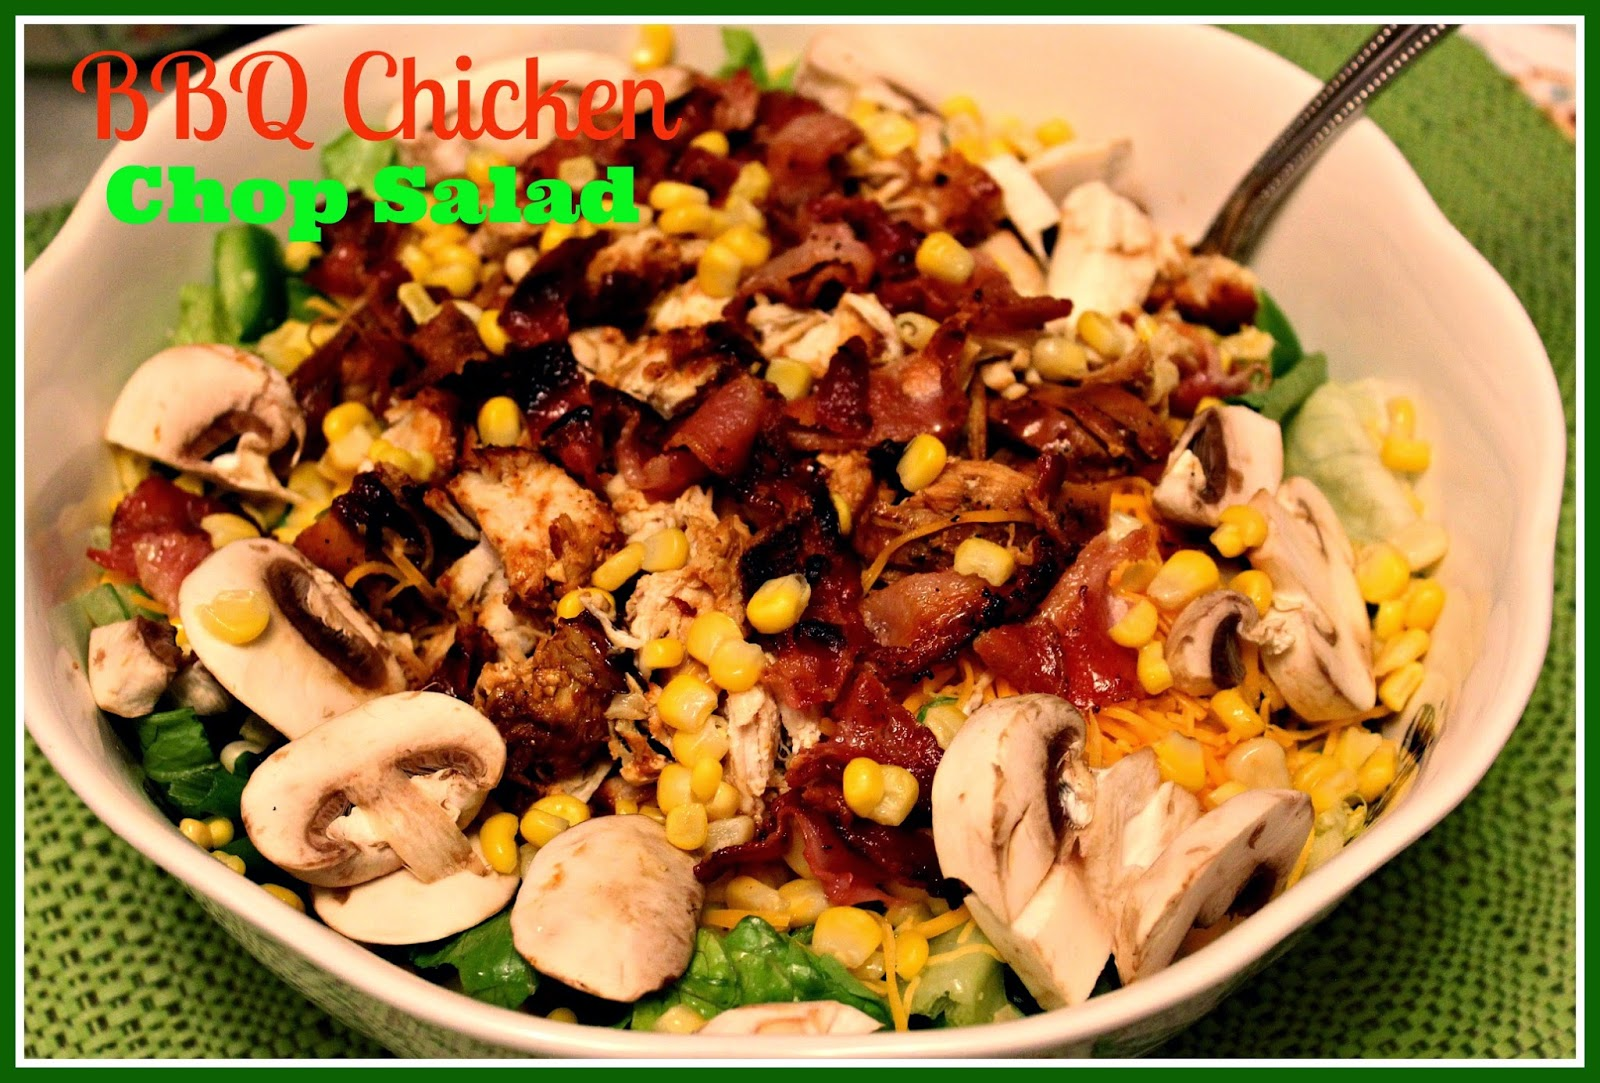 Cheddar Jack Bacon Chicken Salad Recipes — Dishmaps